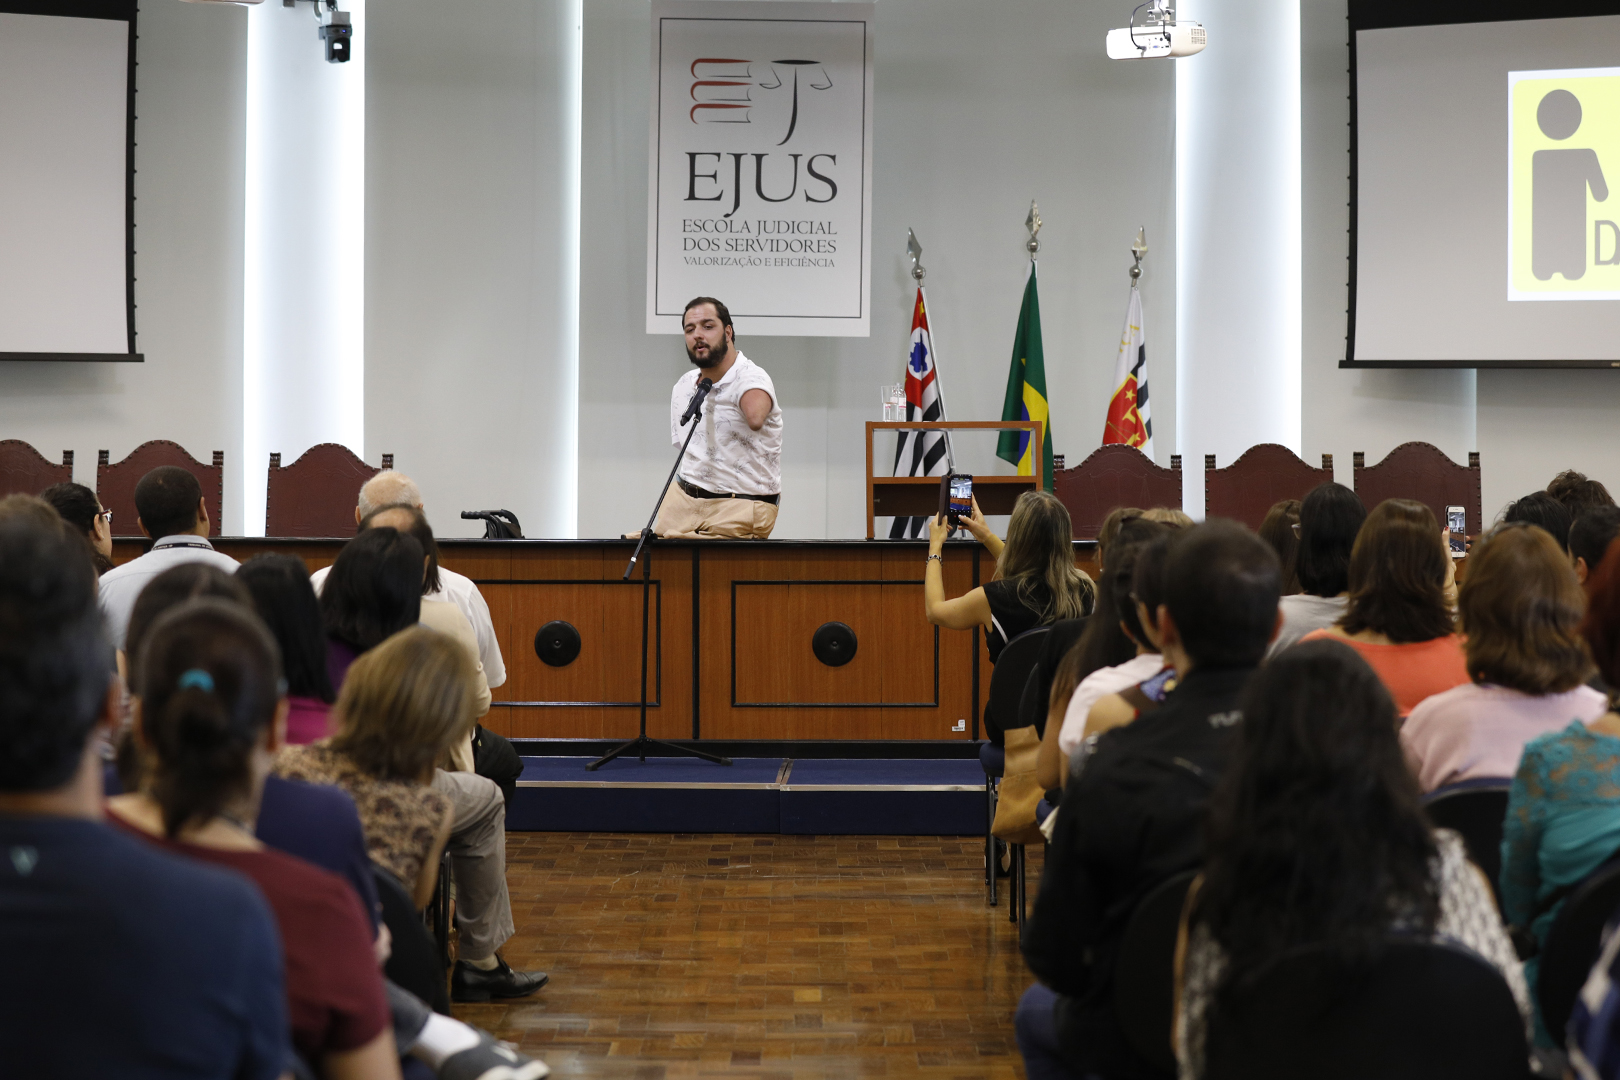 """EJUS e CAPS promovem palestra """"Como Vencer Desafios – Uma história Inspiradora"""""""